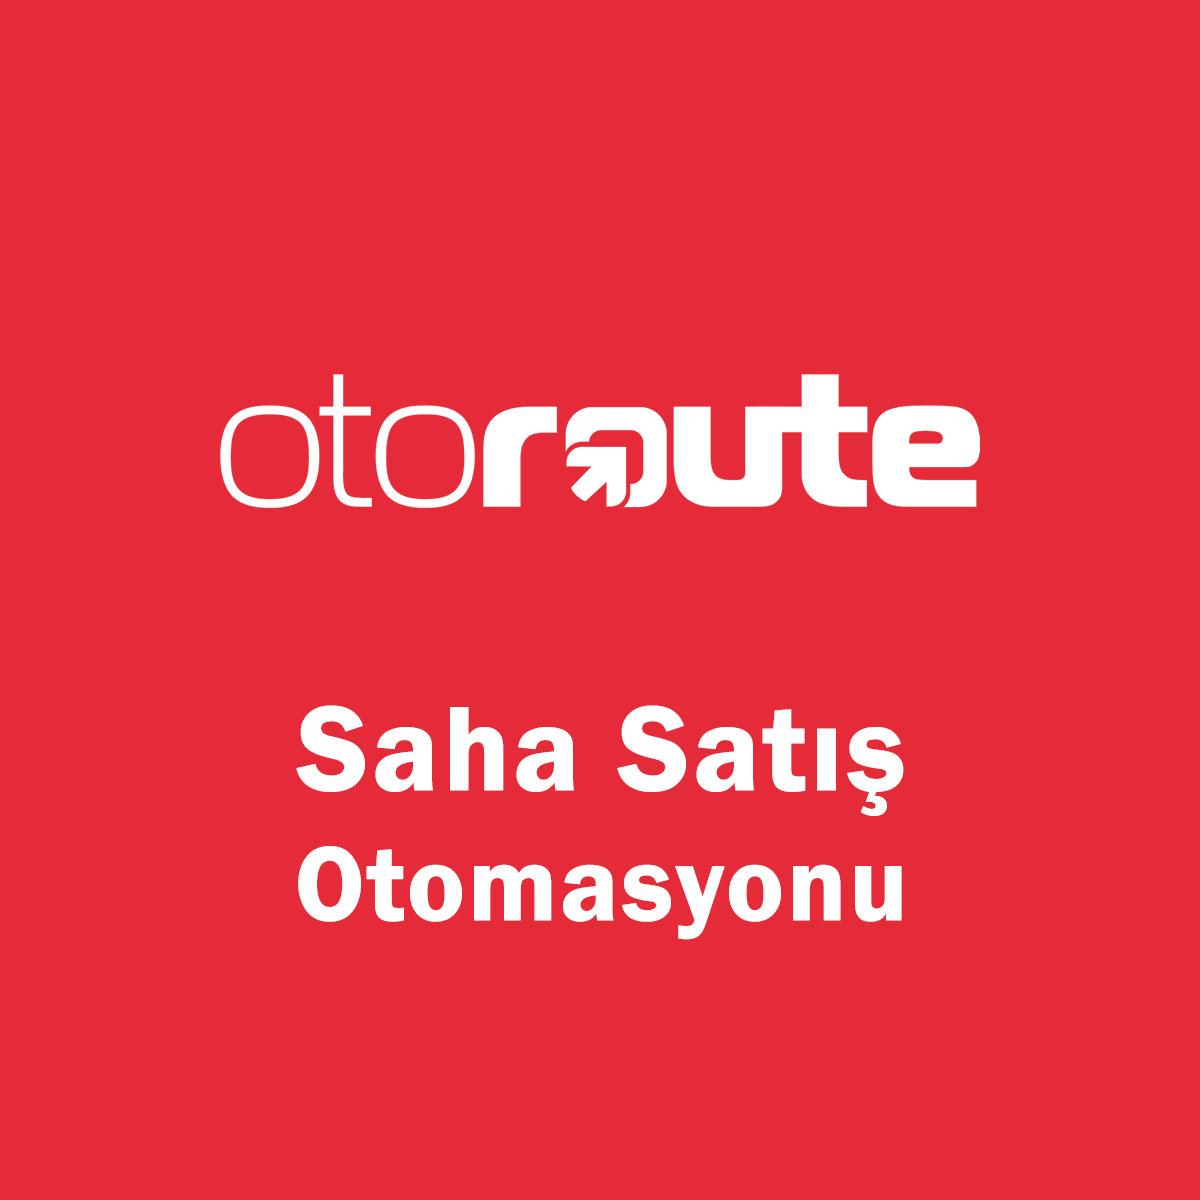 OtoRute Saha Satış Programı